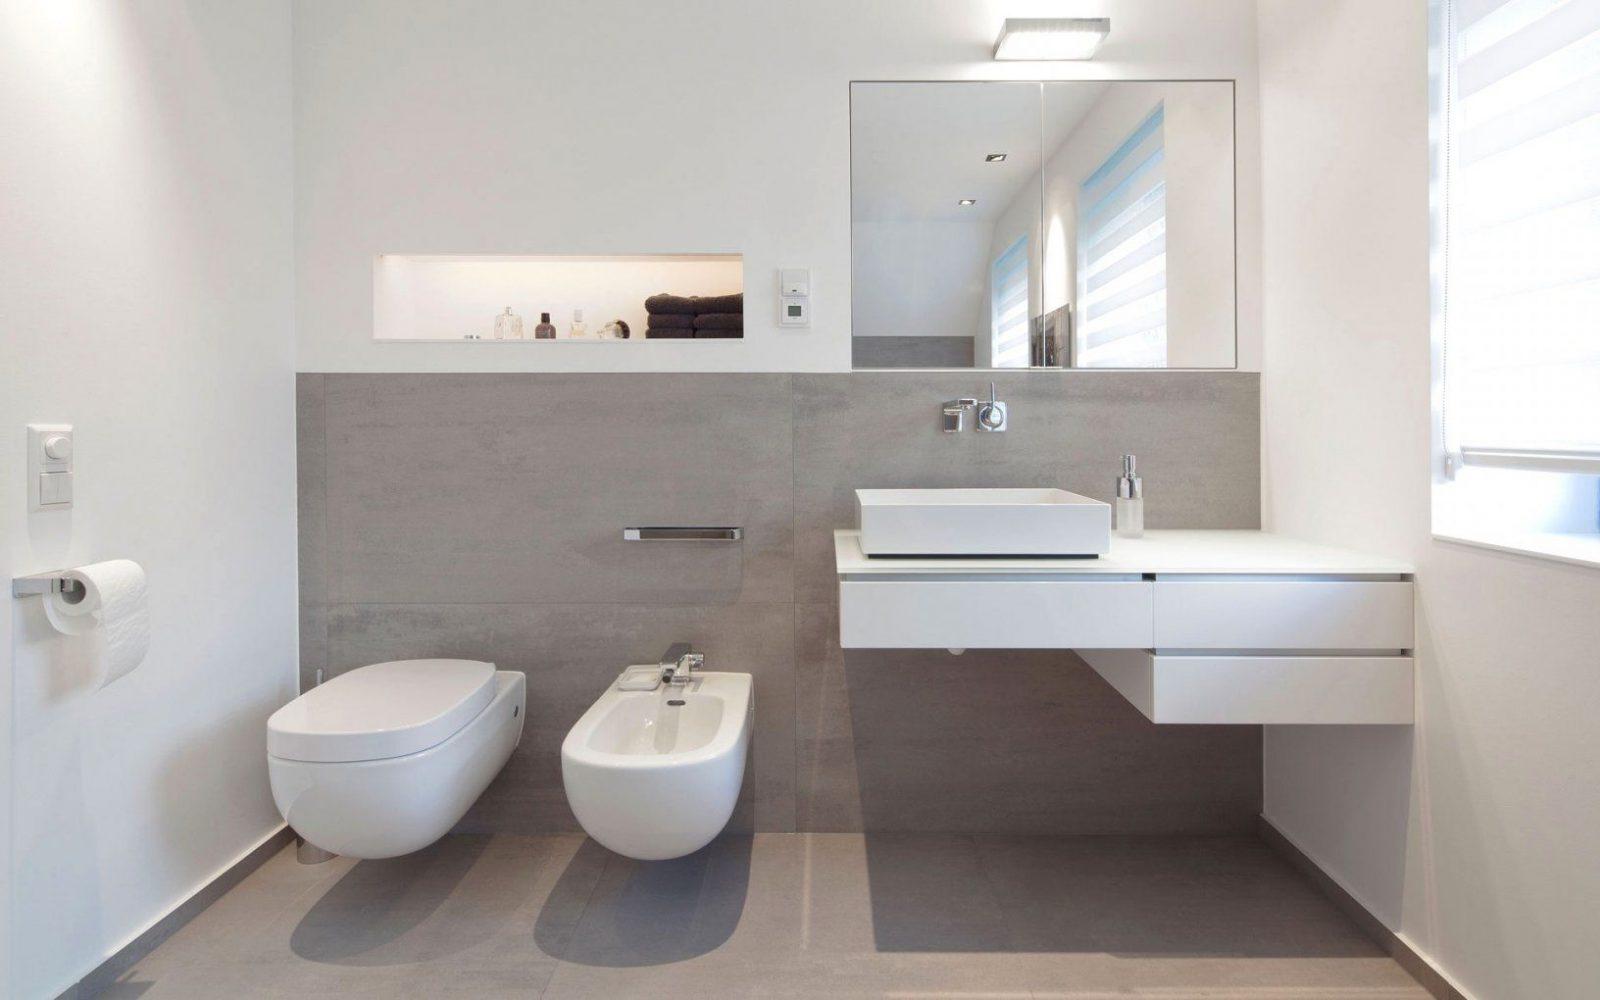 Badezimmer Fliesen Beige Grau  Design von Moderne Badezimmer Fliesen Beige Photo